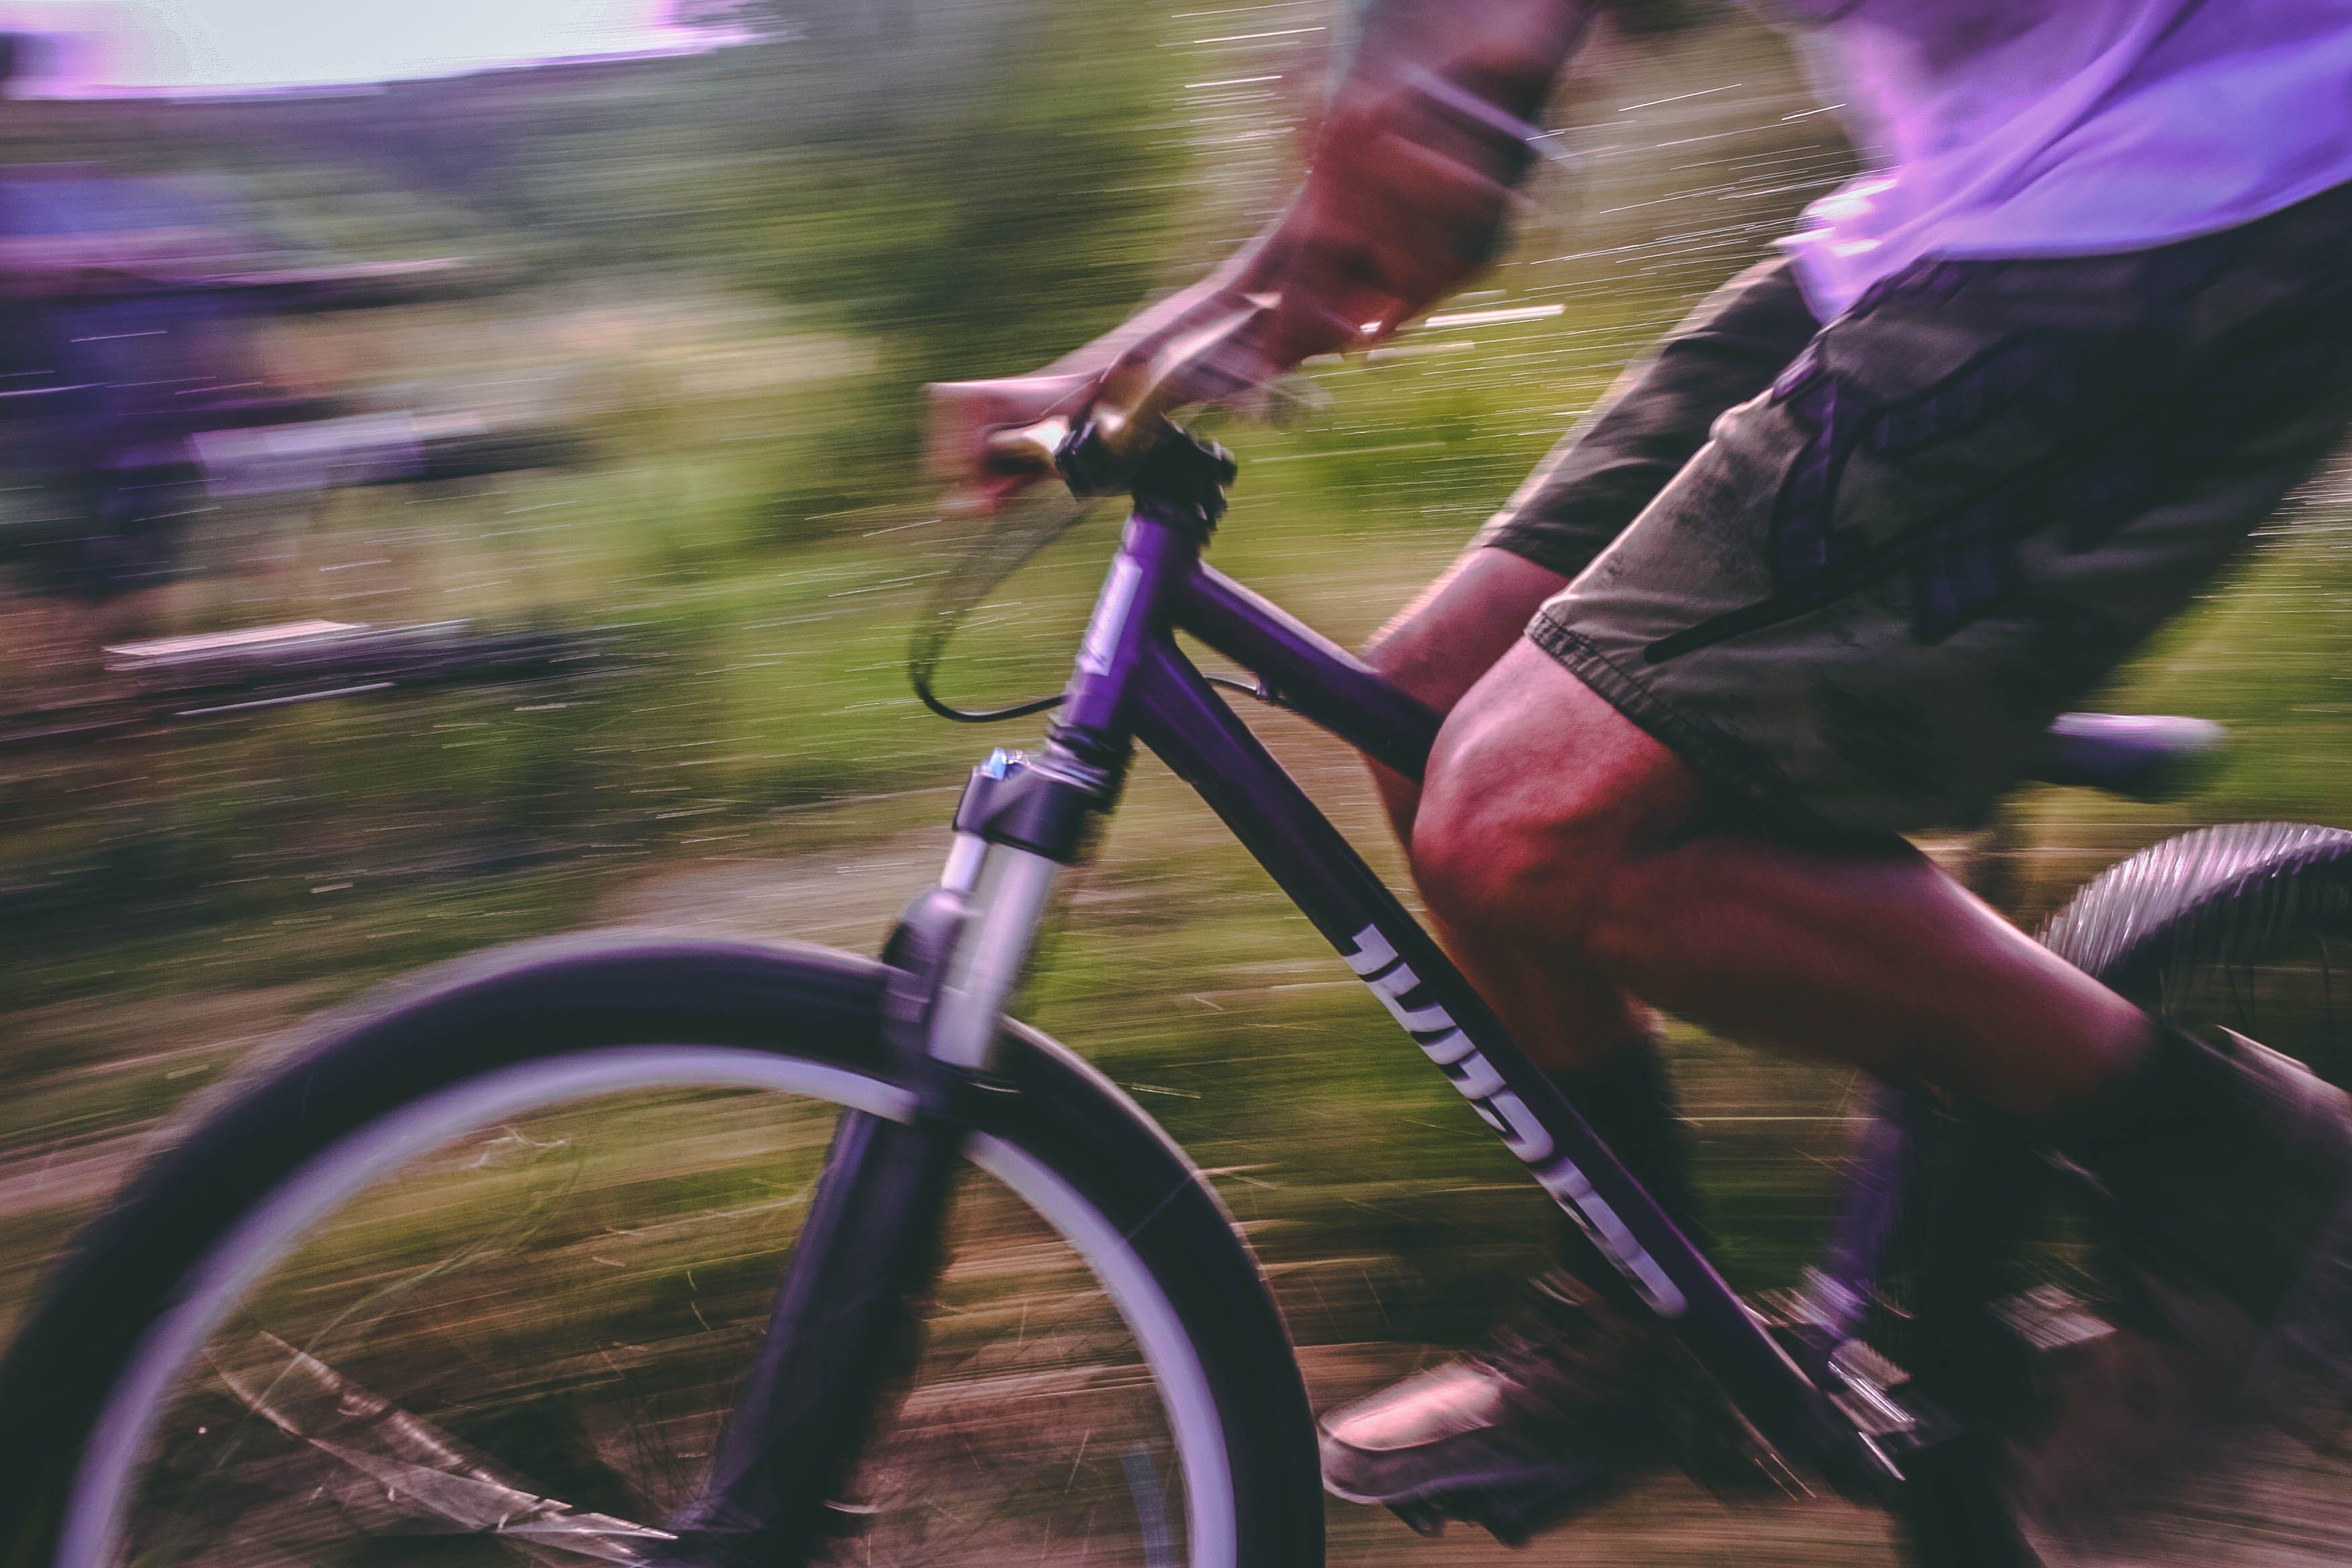 de andar a cavalo, andar de bicicleta, atletas, bem-estar